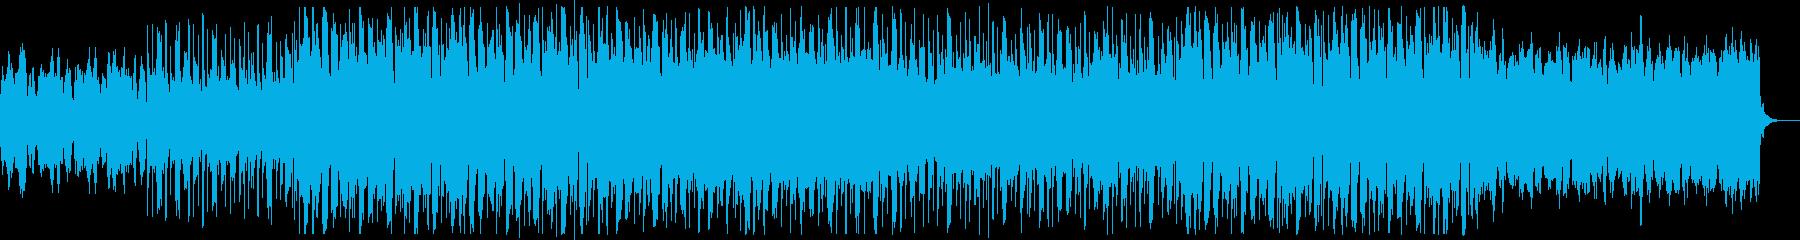 フィドルが明るく軽快なカントリーの再生済みの波形